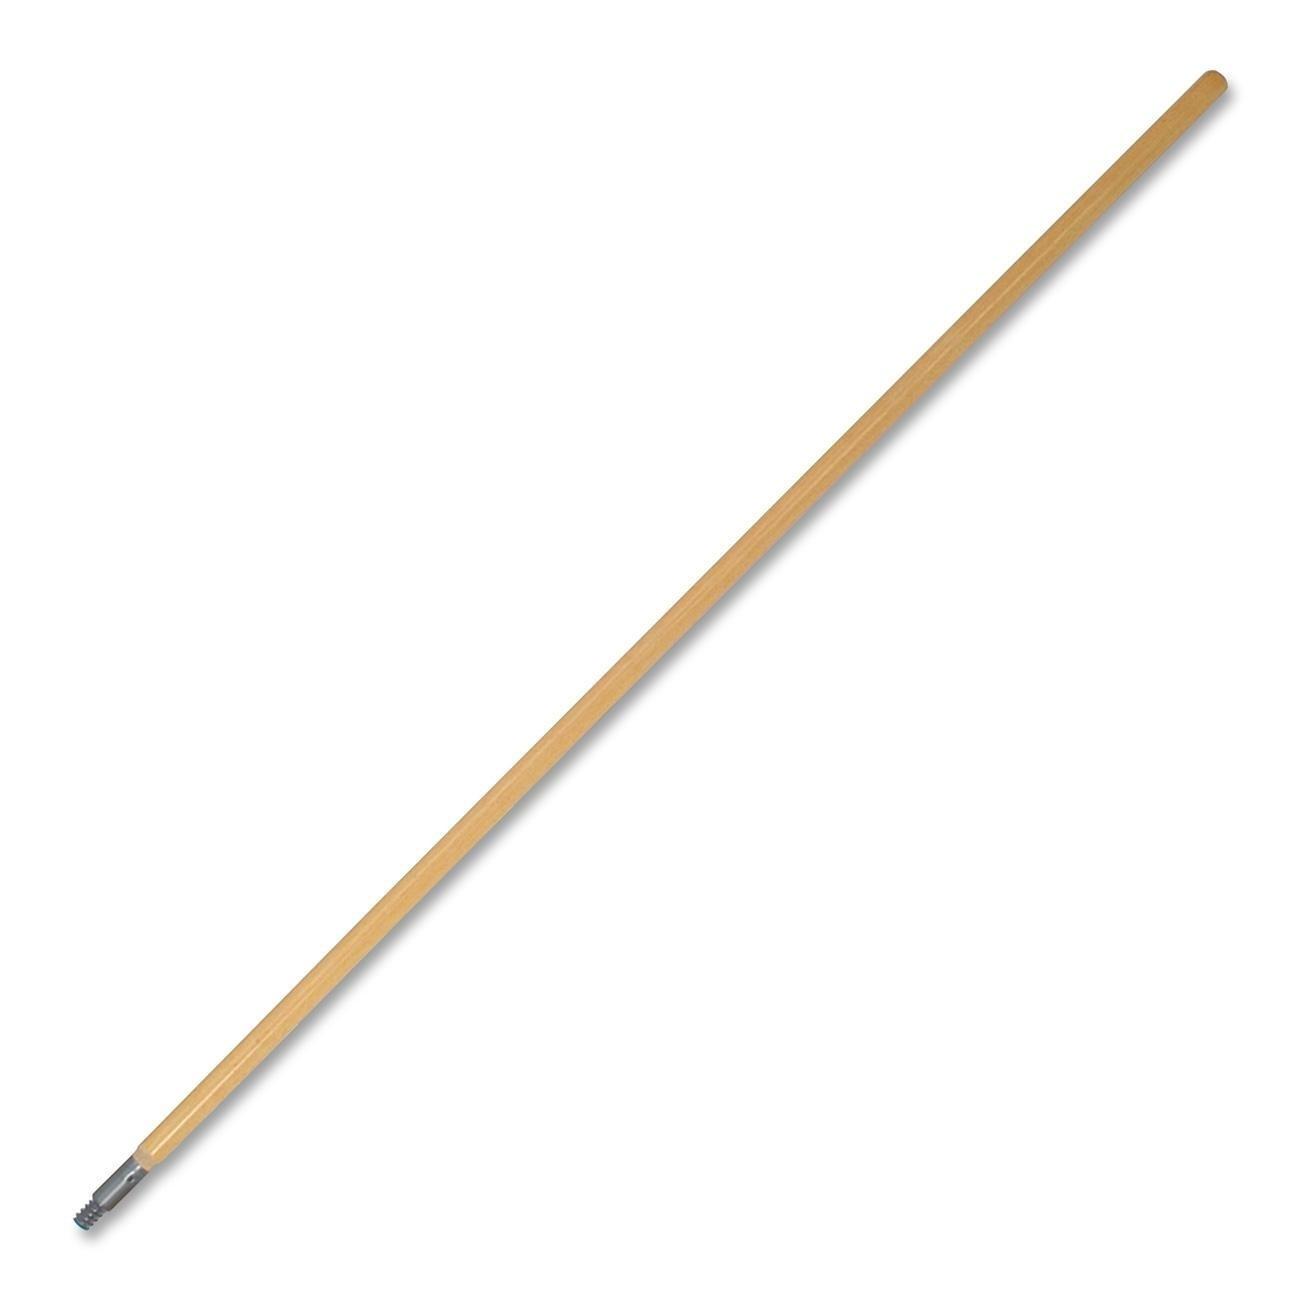 genuine-joe-gjo60468-wood-floor-broom-handle-1-18-diameter-x-60-length-oak